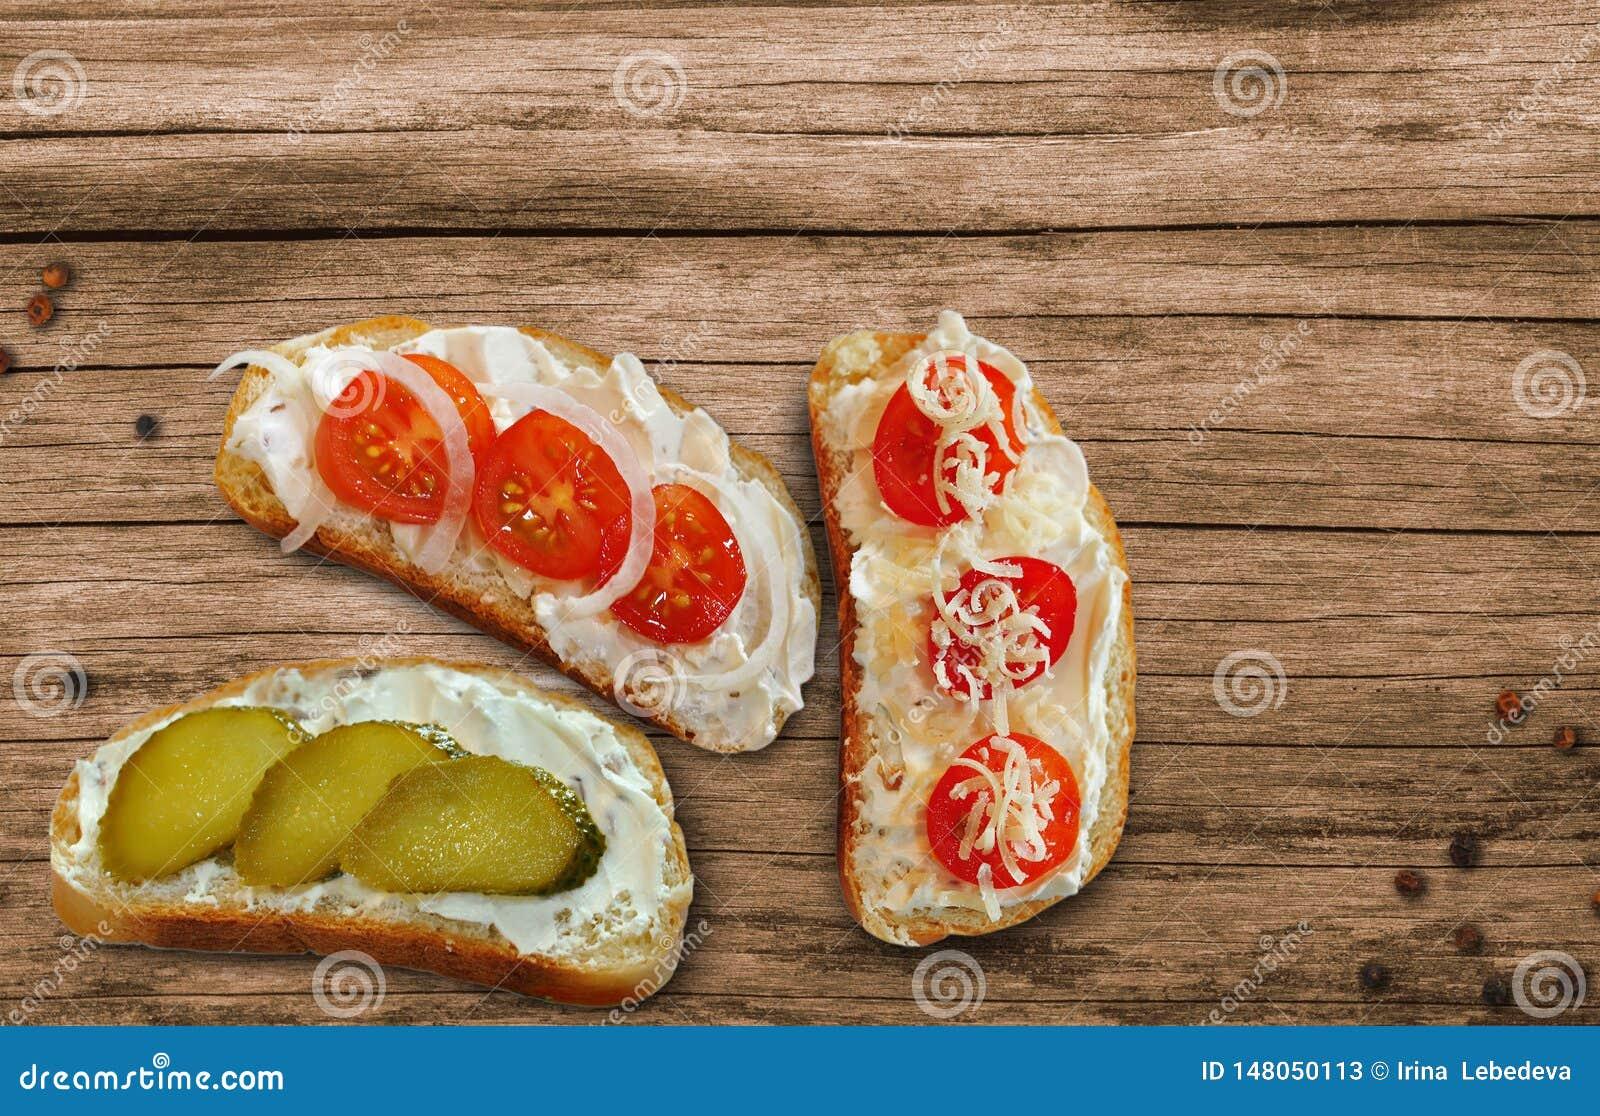 Sandwichs avec du fromage, des tomates-cerises et des concombres avec la pâte de fromage blanc sur une table en bois